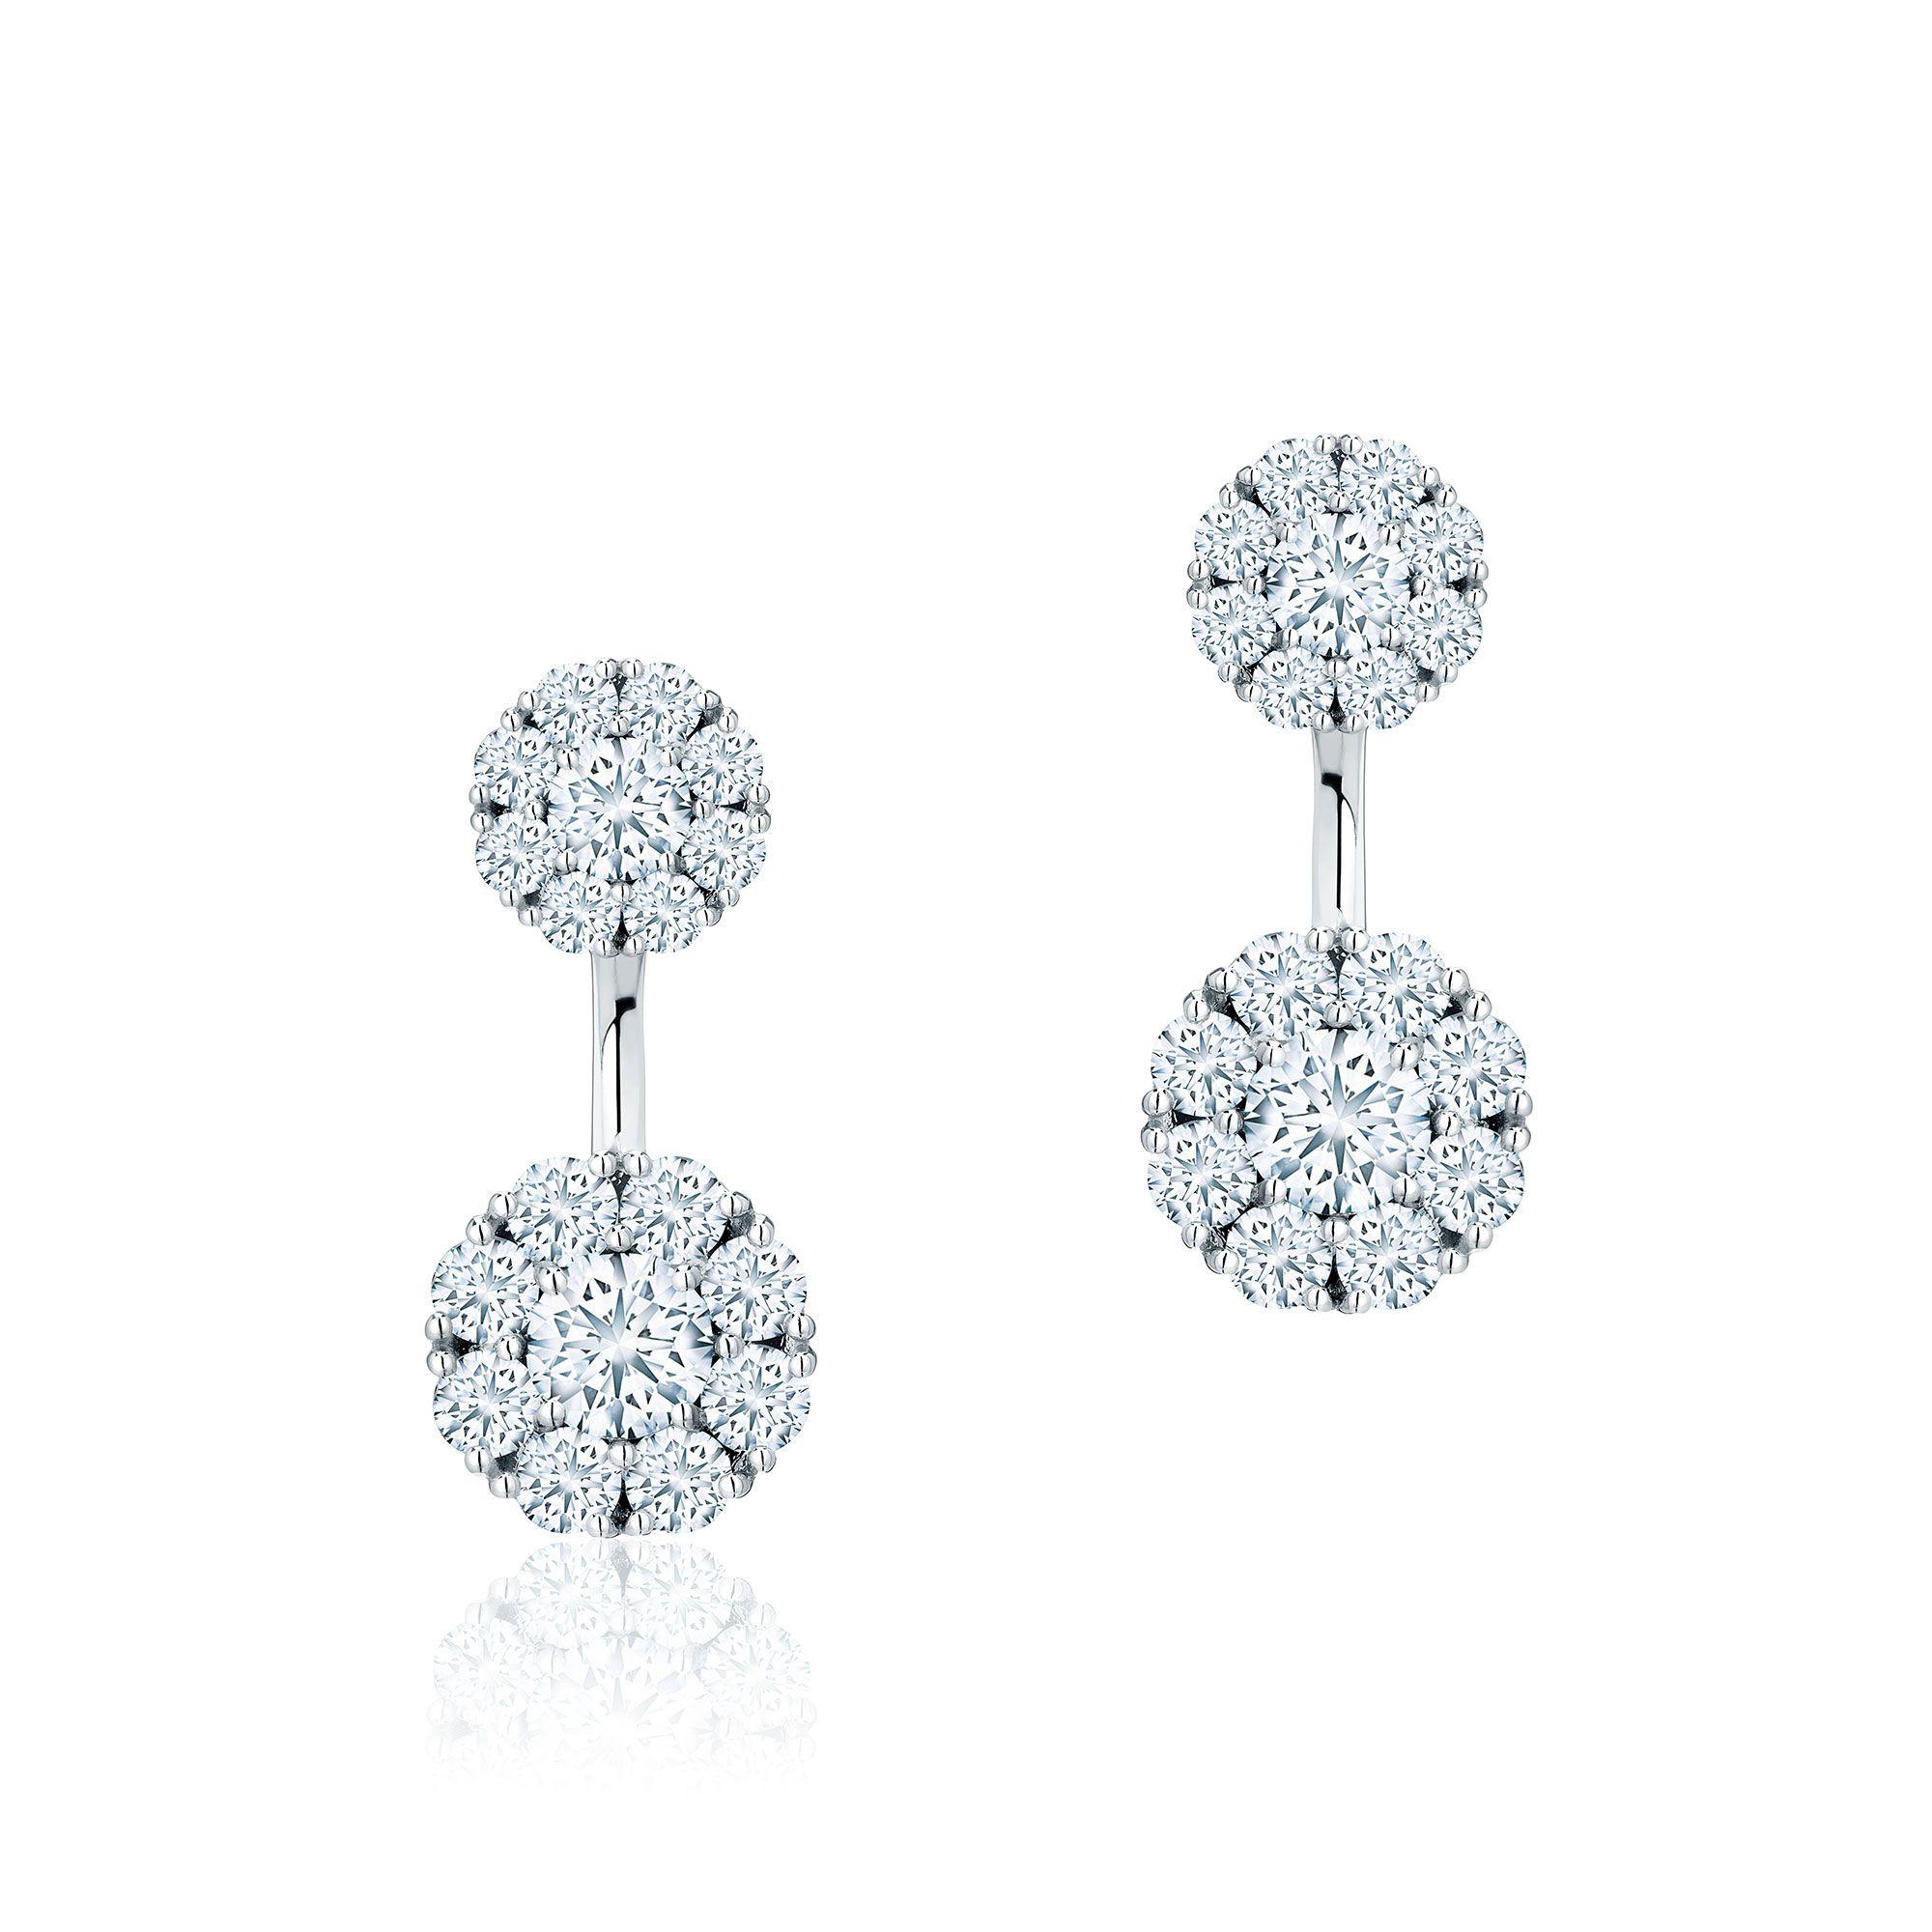 Photo Via Maison Birks:https://www.maisonbirks.com/en/birks-snowflake-large-round-jacket-earrings